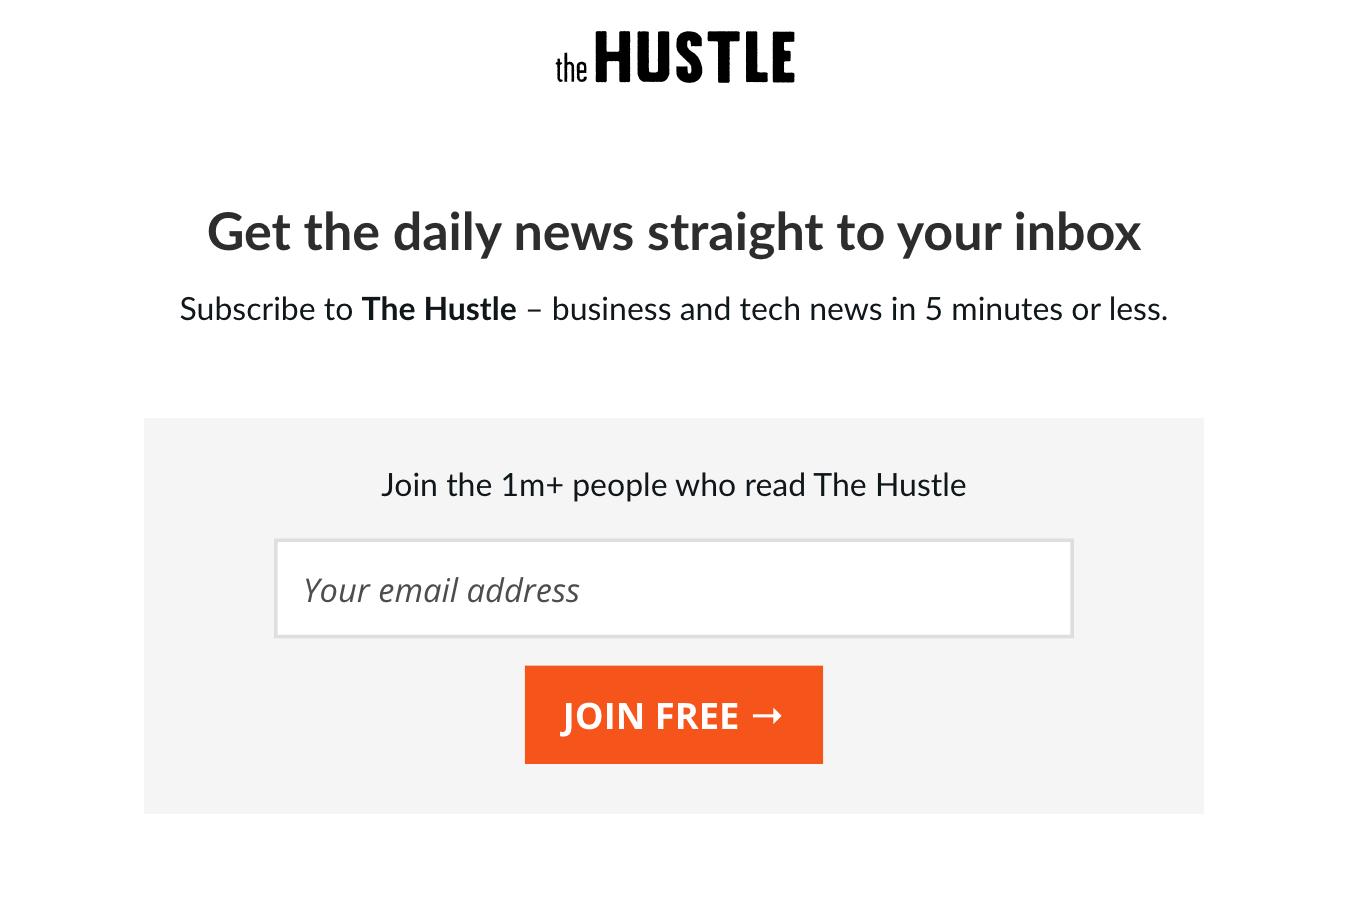 the hustle newsletter